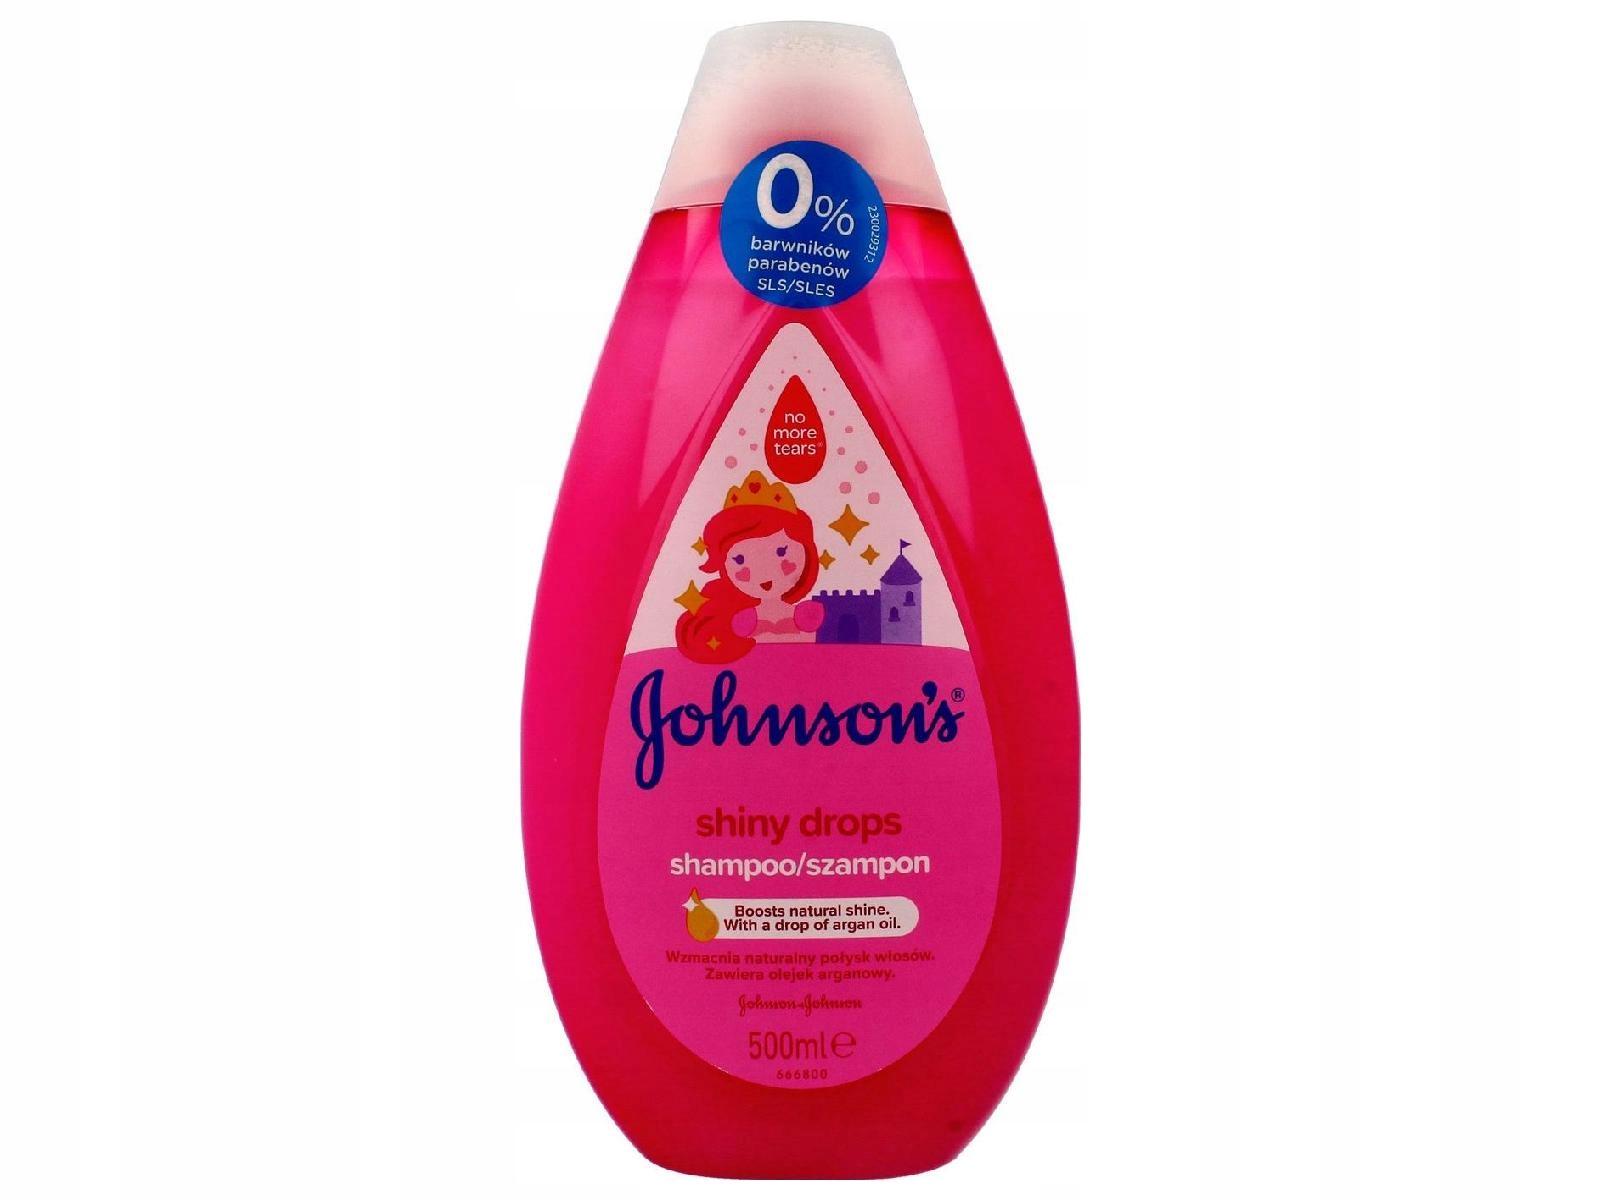 Johnson's Baby Shiny Drops Szampon do włosów 500ml